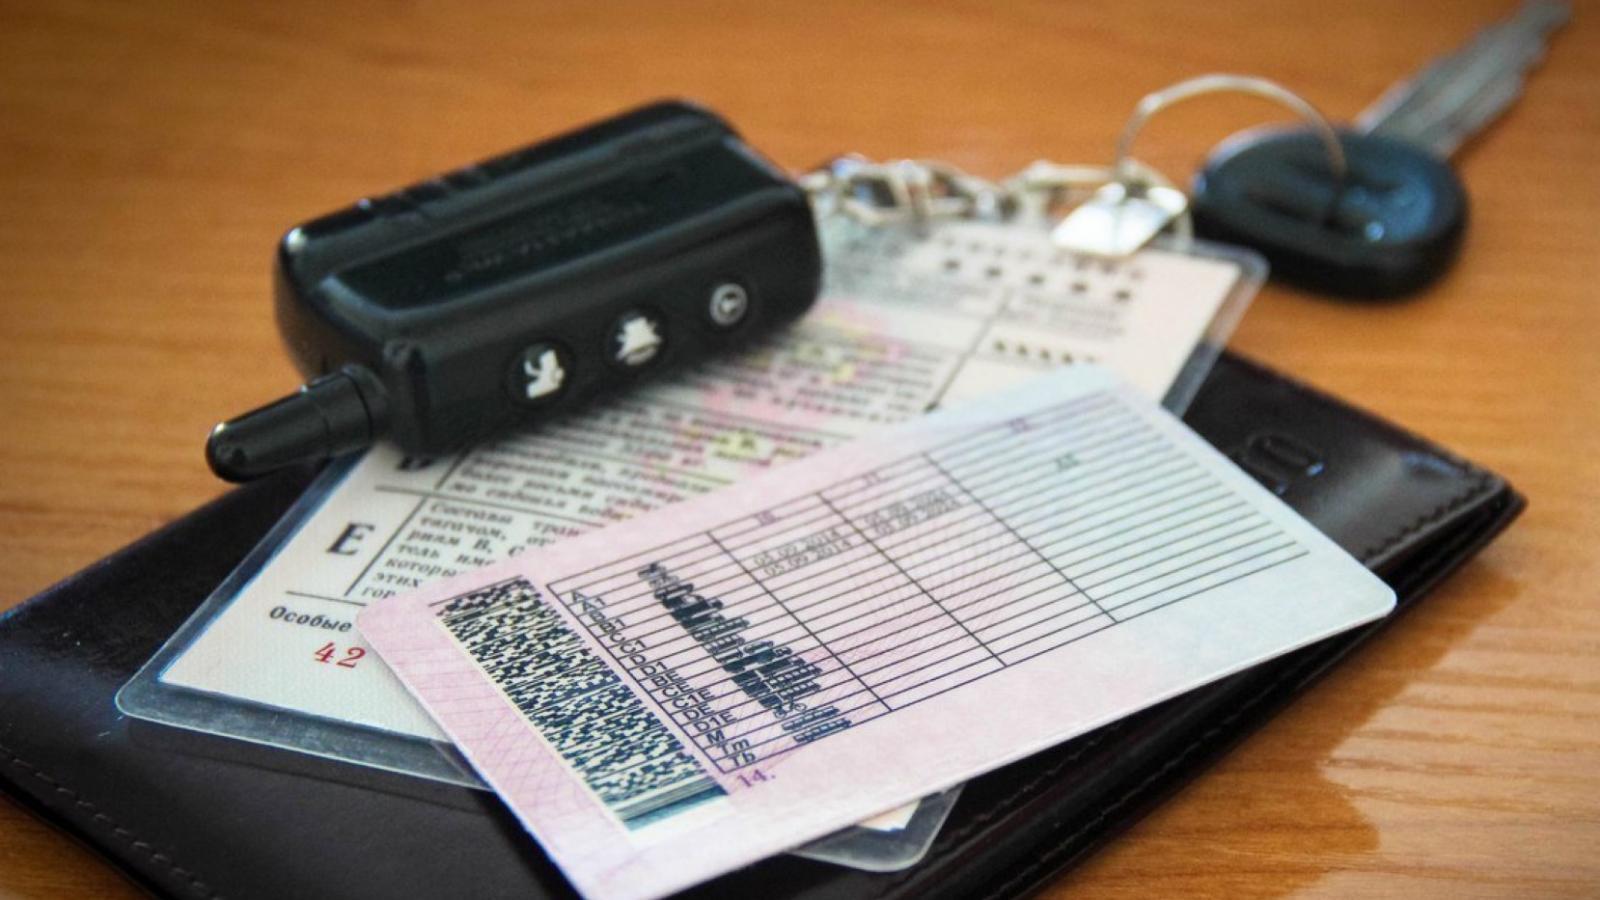 Российские автовладельцы попросили продлить срок действия прав из-за карантина